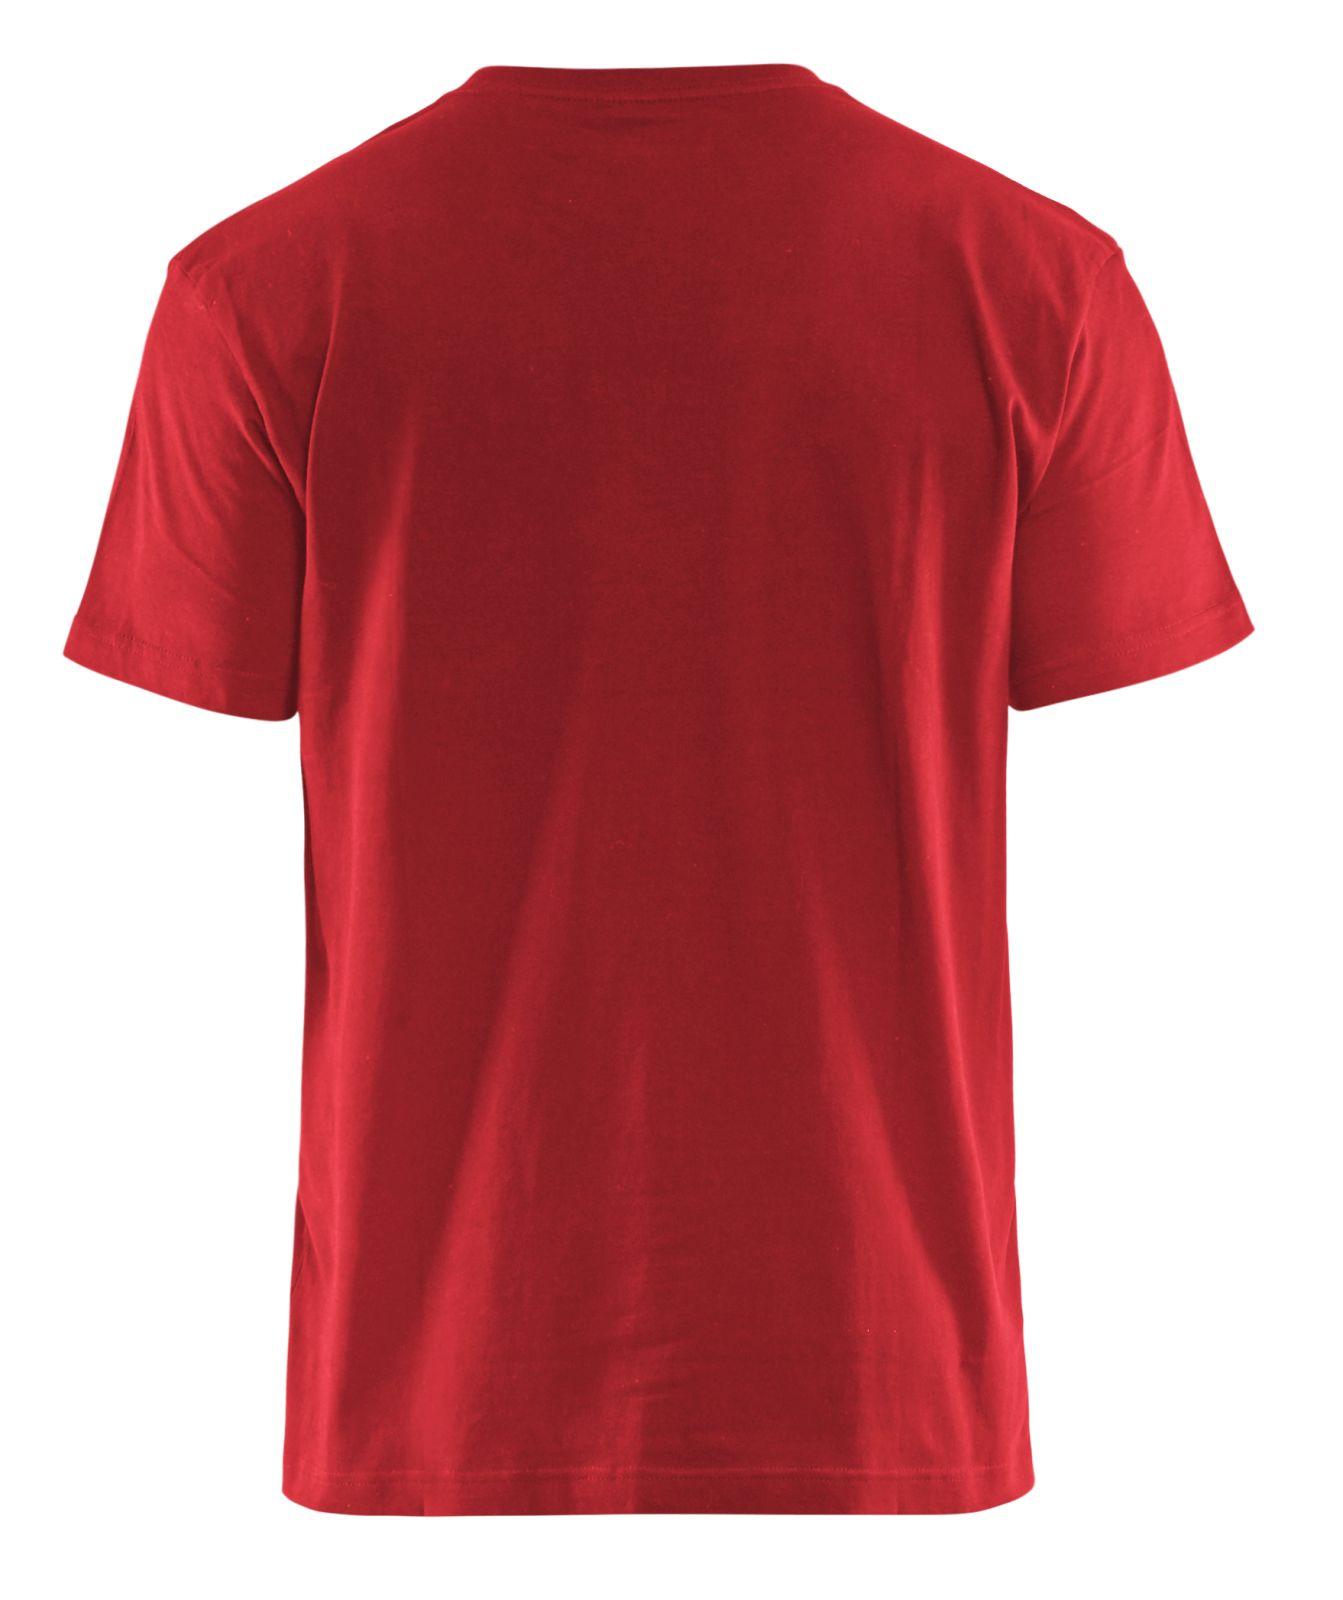 Blaklader T-shirts 33791042 rood-zwart(5699)